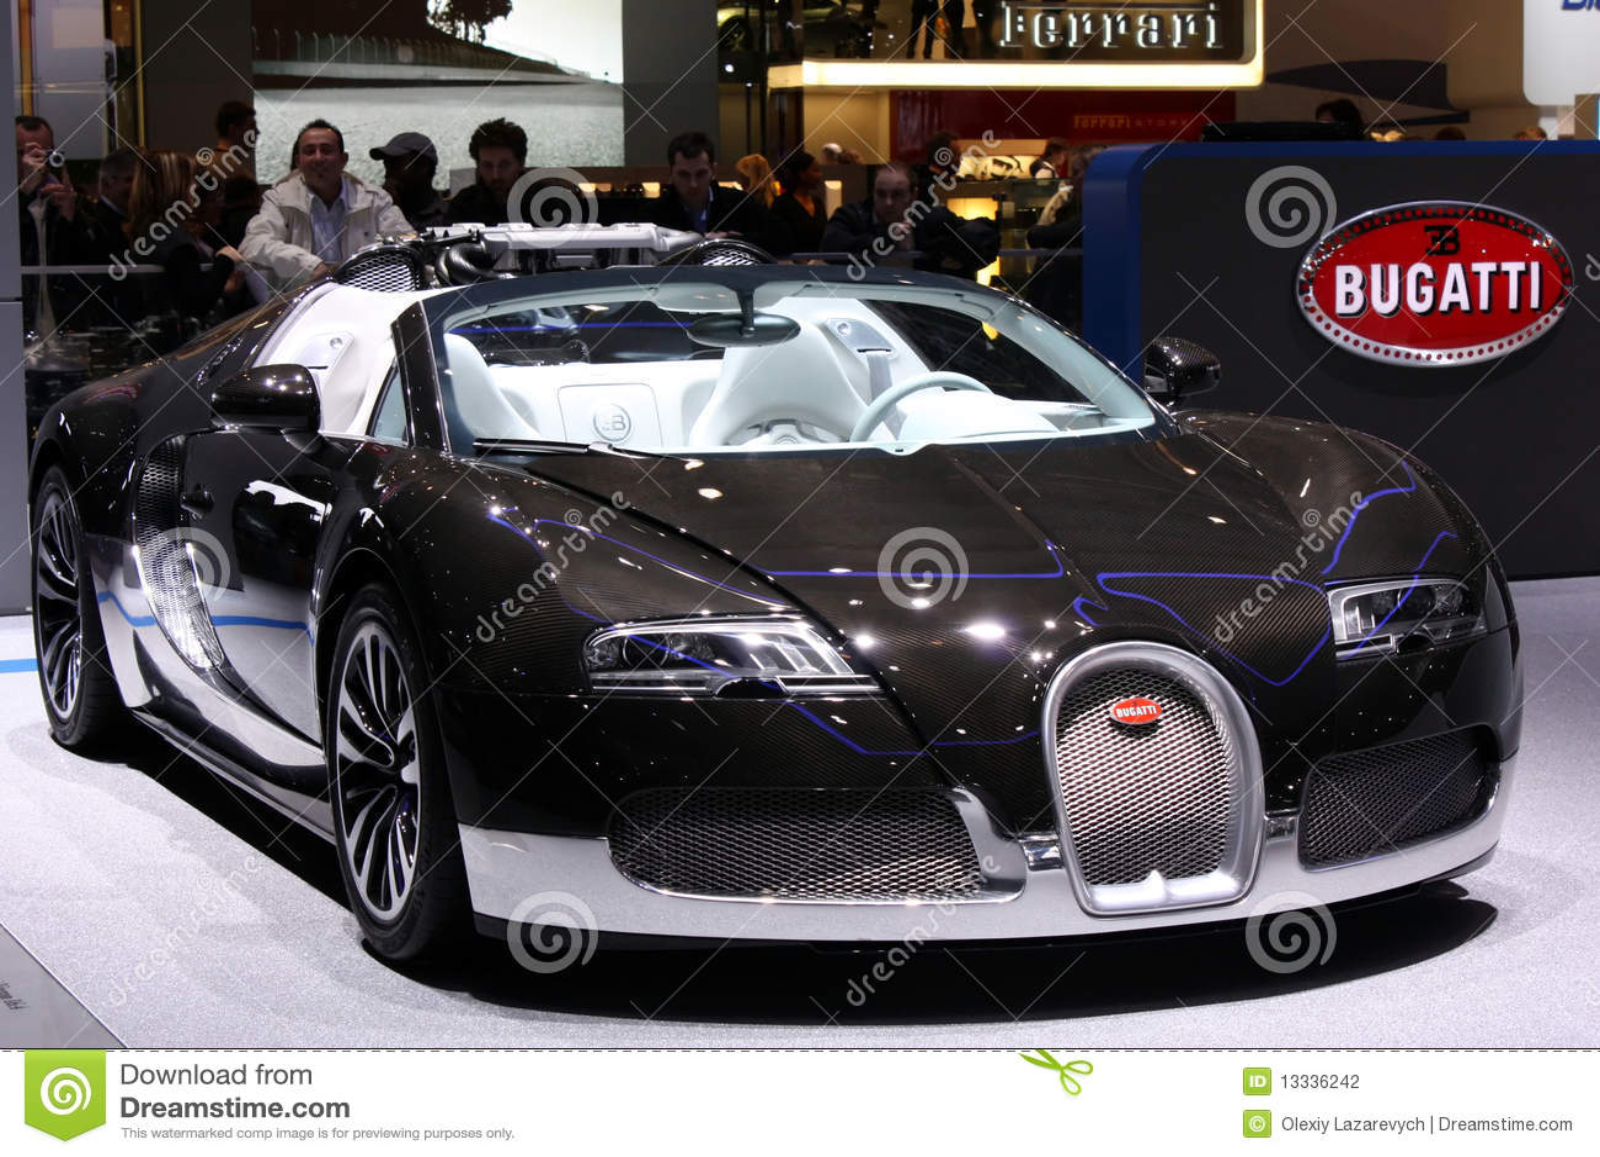 2010 bugatti Geneva motorowego przedstawienie veyron